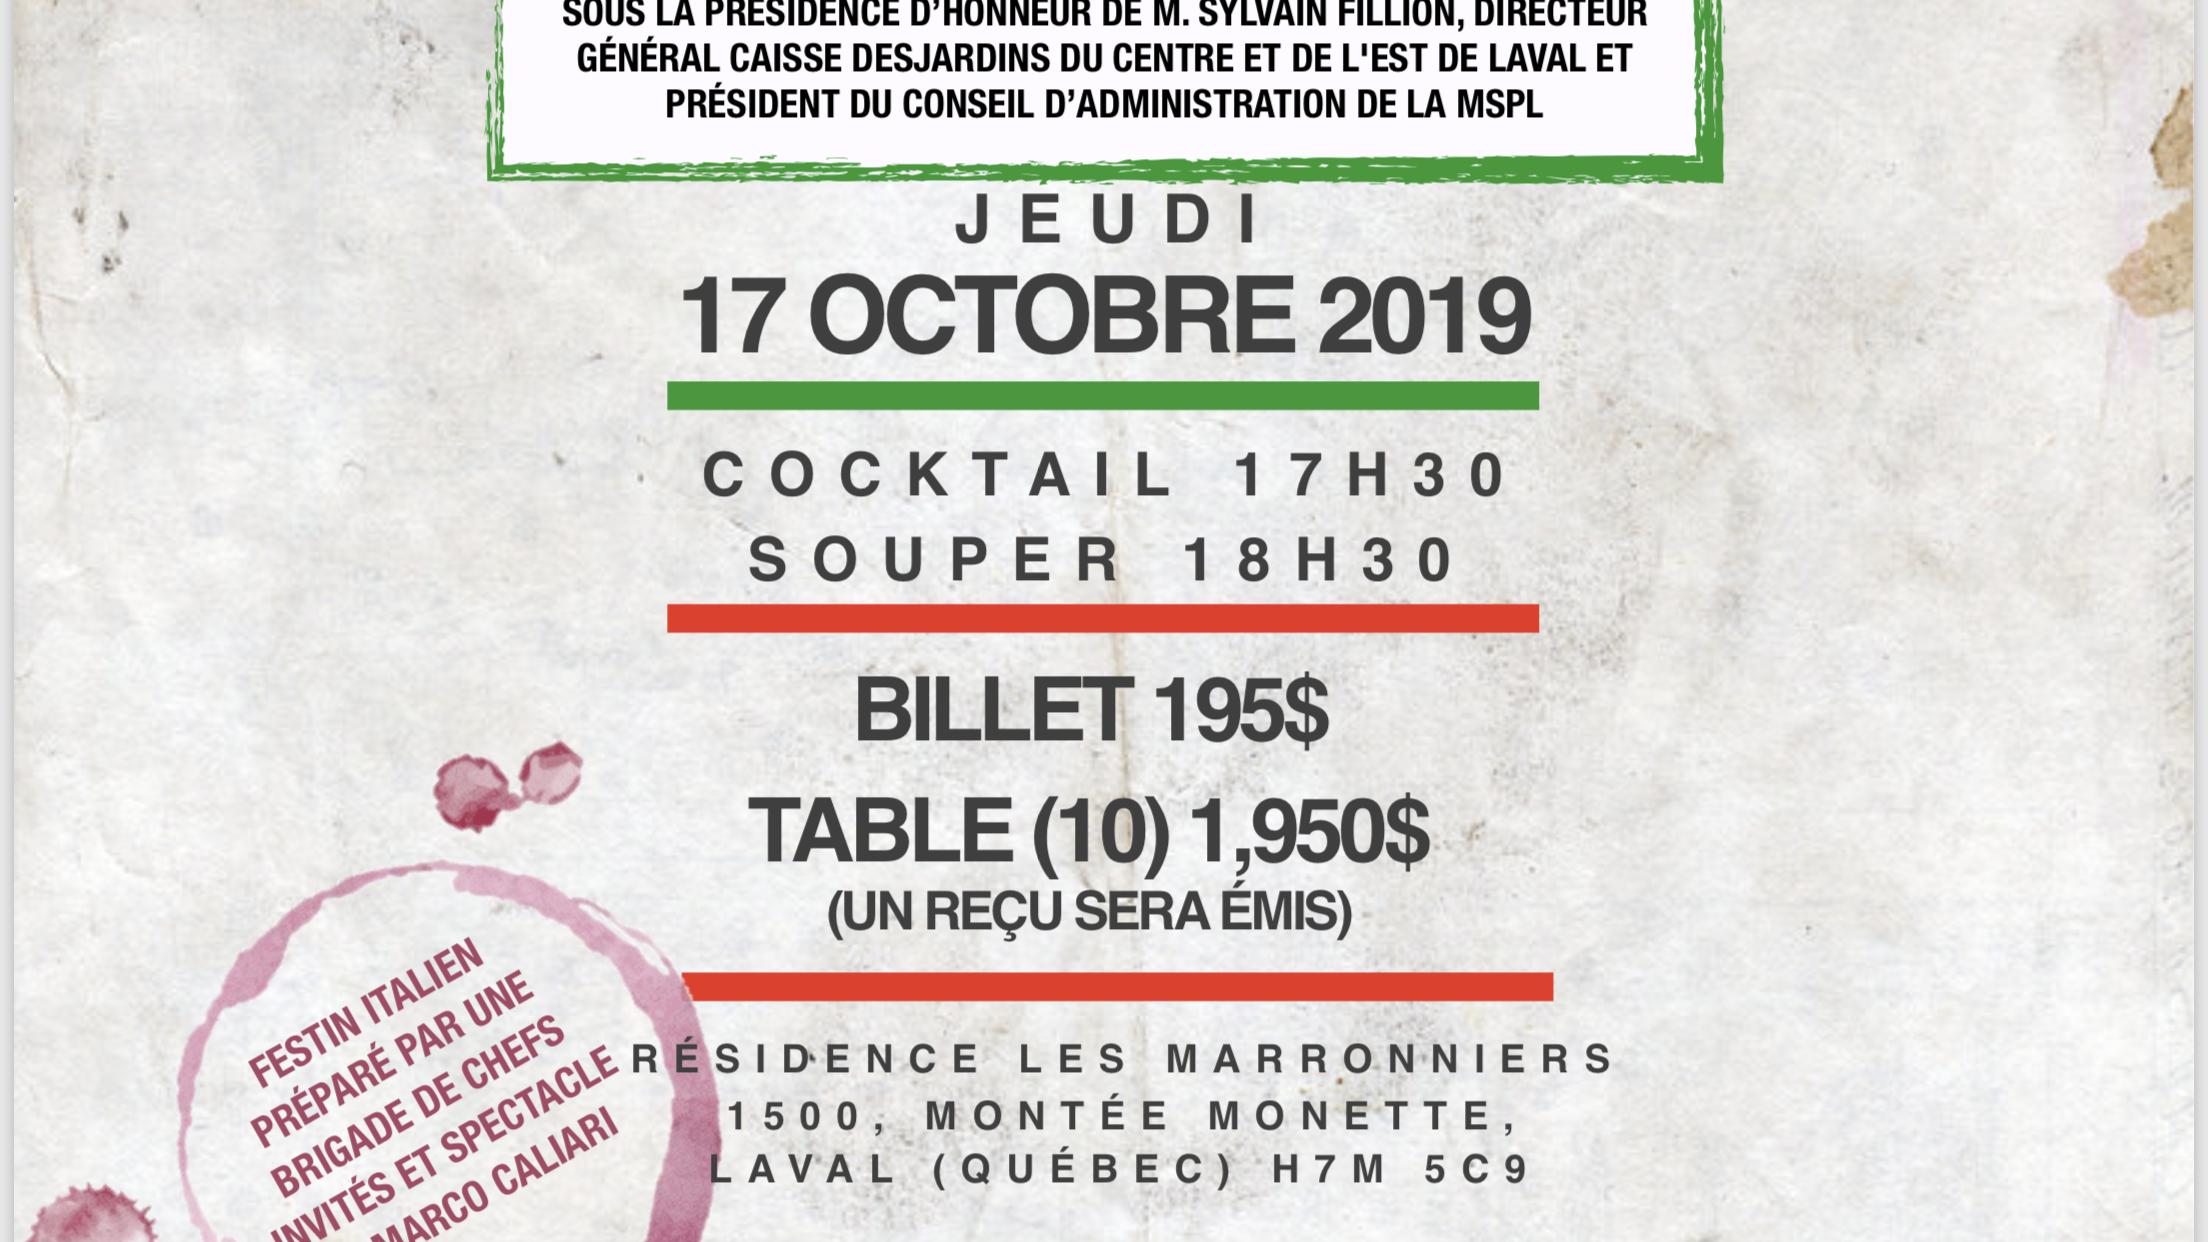 INVITATION SOIRÉE ITALIENNE Au profit de la Fondation Pain et Espoir